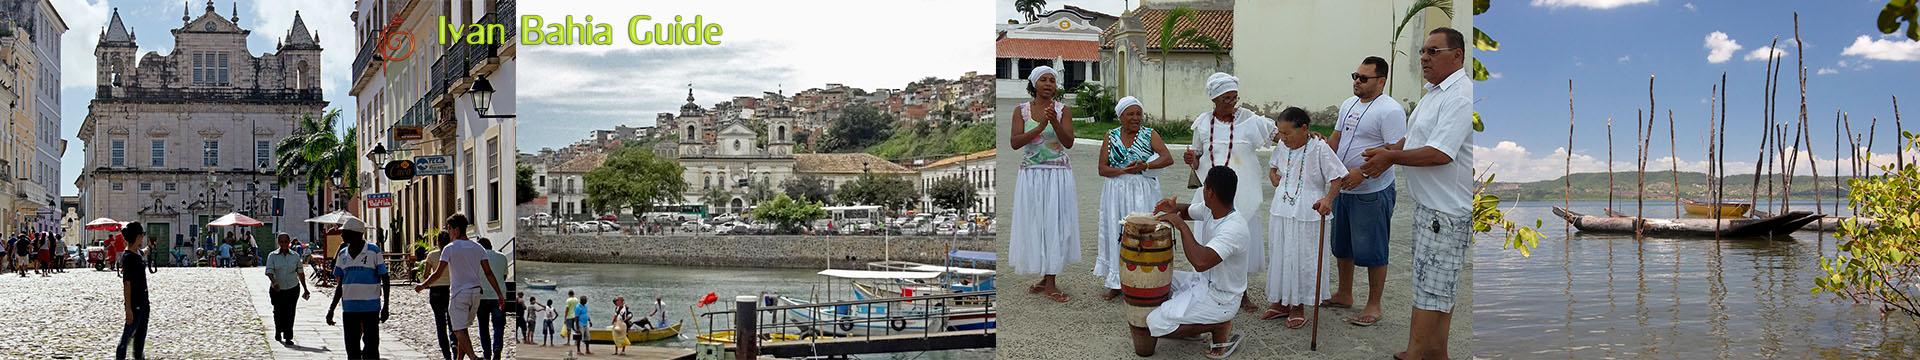 Ivan Salvador da Bahia tour-guide / A round trip in Salvador and Colonial Bahia (Cacnoeira & Candomblé included)